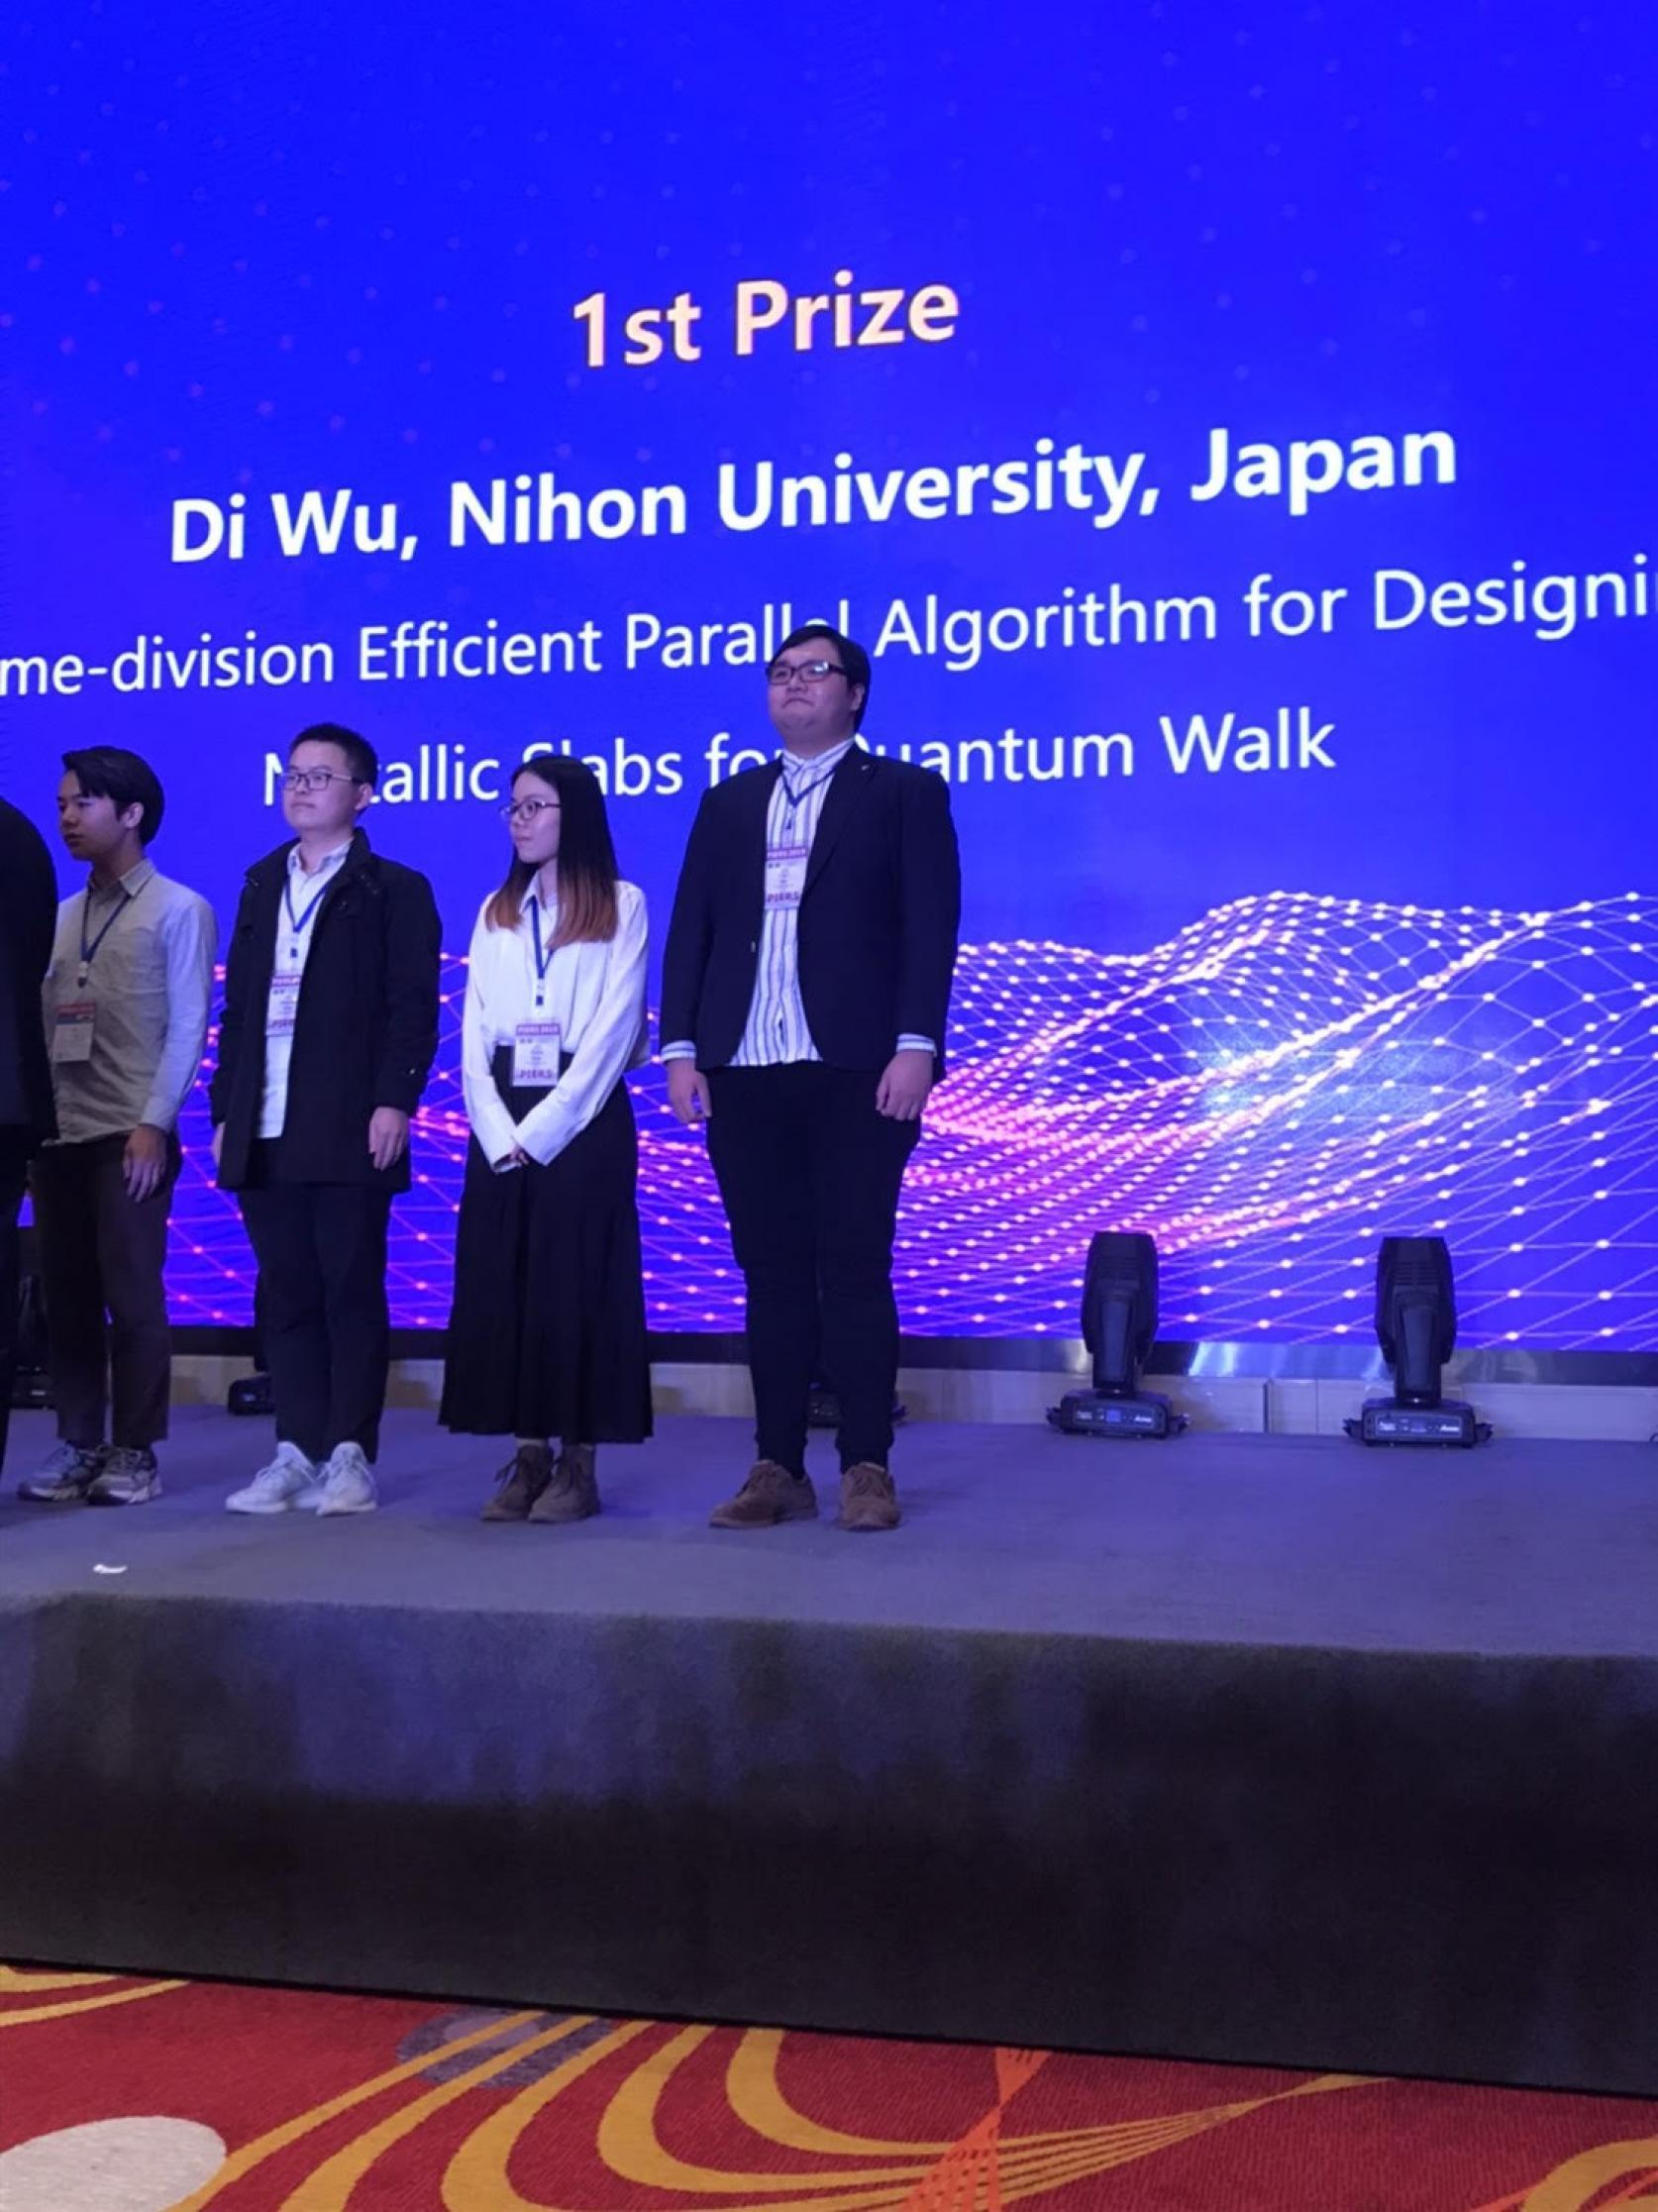 電気工学専攻博士後期課程2年の呉迪さんが国際会議「The 42nd Photonics & Electromagnetics Research Symposium (PIERS)」において、1st Prize of Best Student Paper Award (SC1: EM Theory, CEM, EMC, Quantum Physics, Multiphysics, and Scattering)を受賞しました。